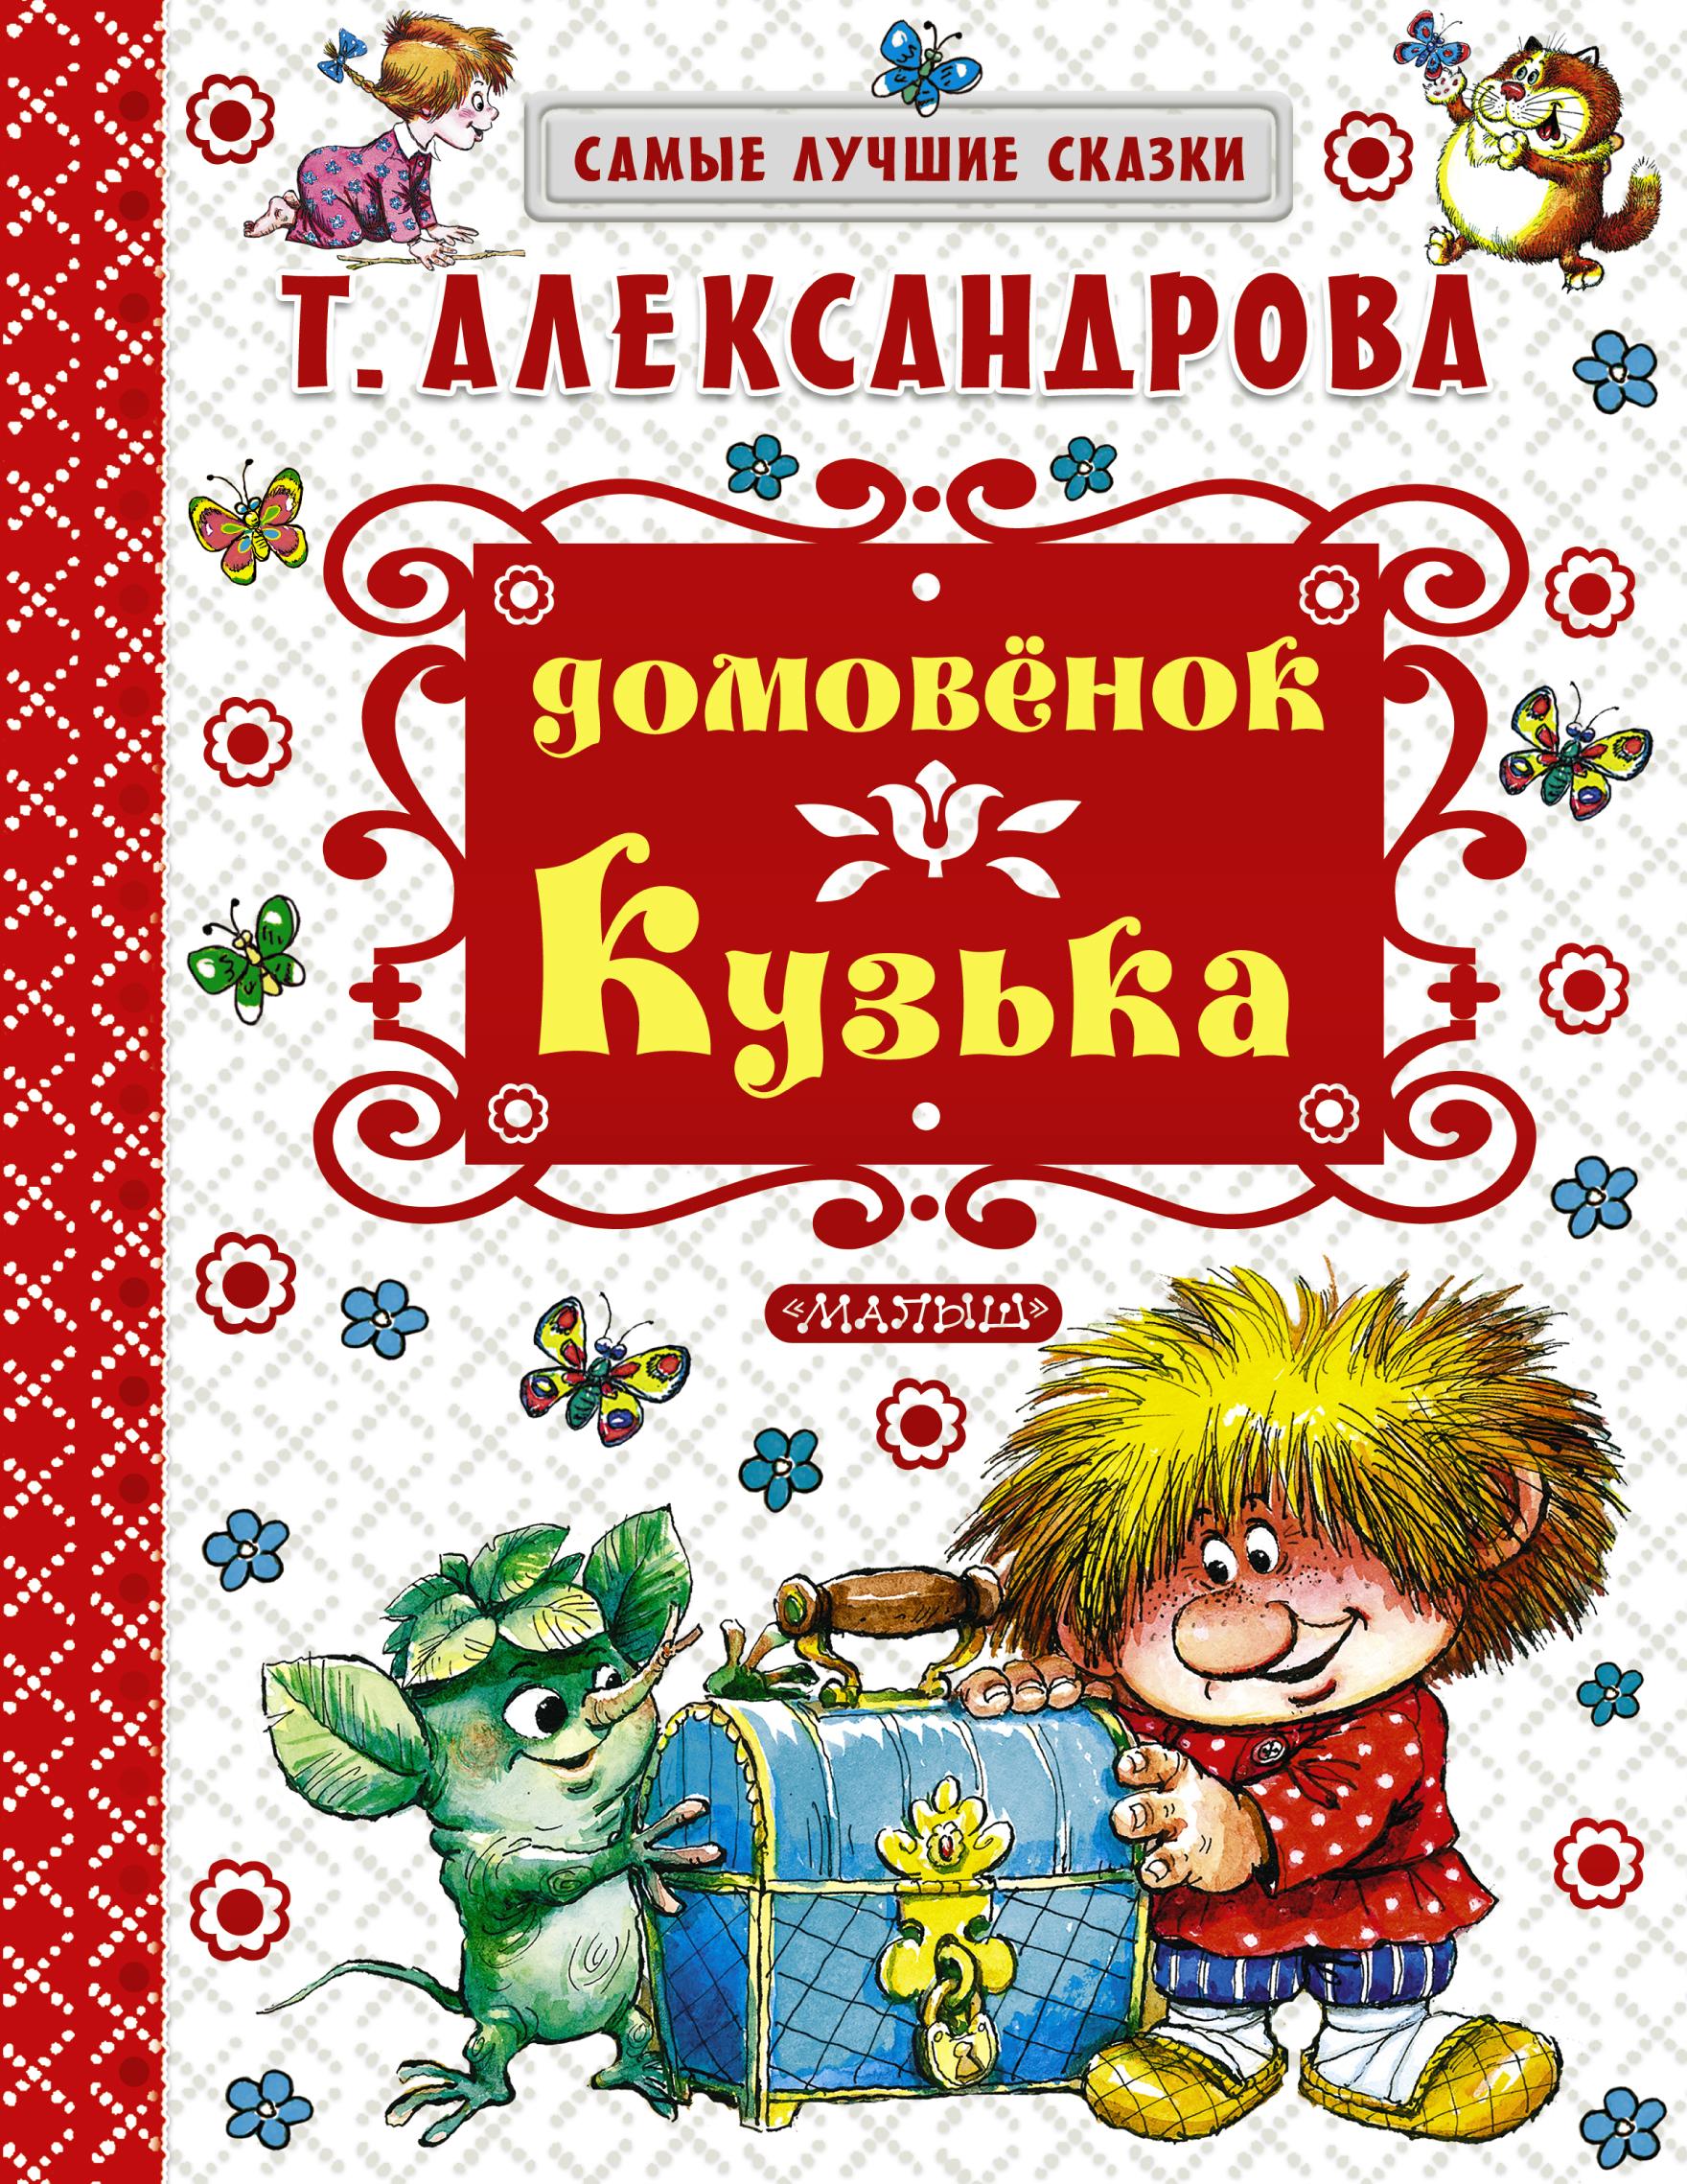 втором книги татьяны александровой картинки подругу днем рождения